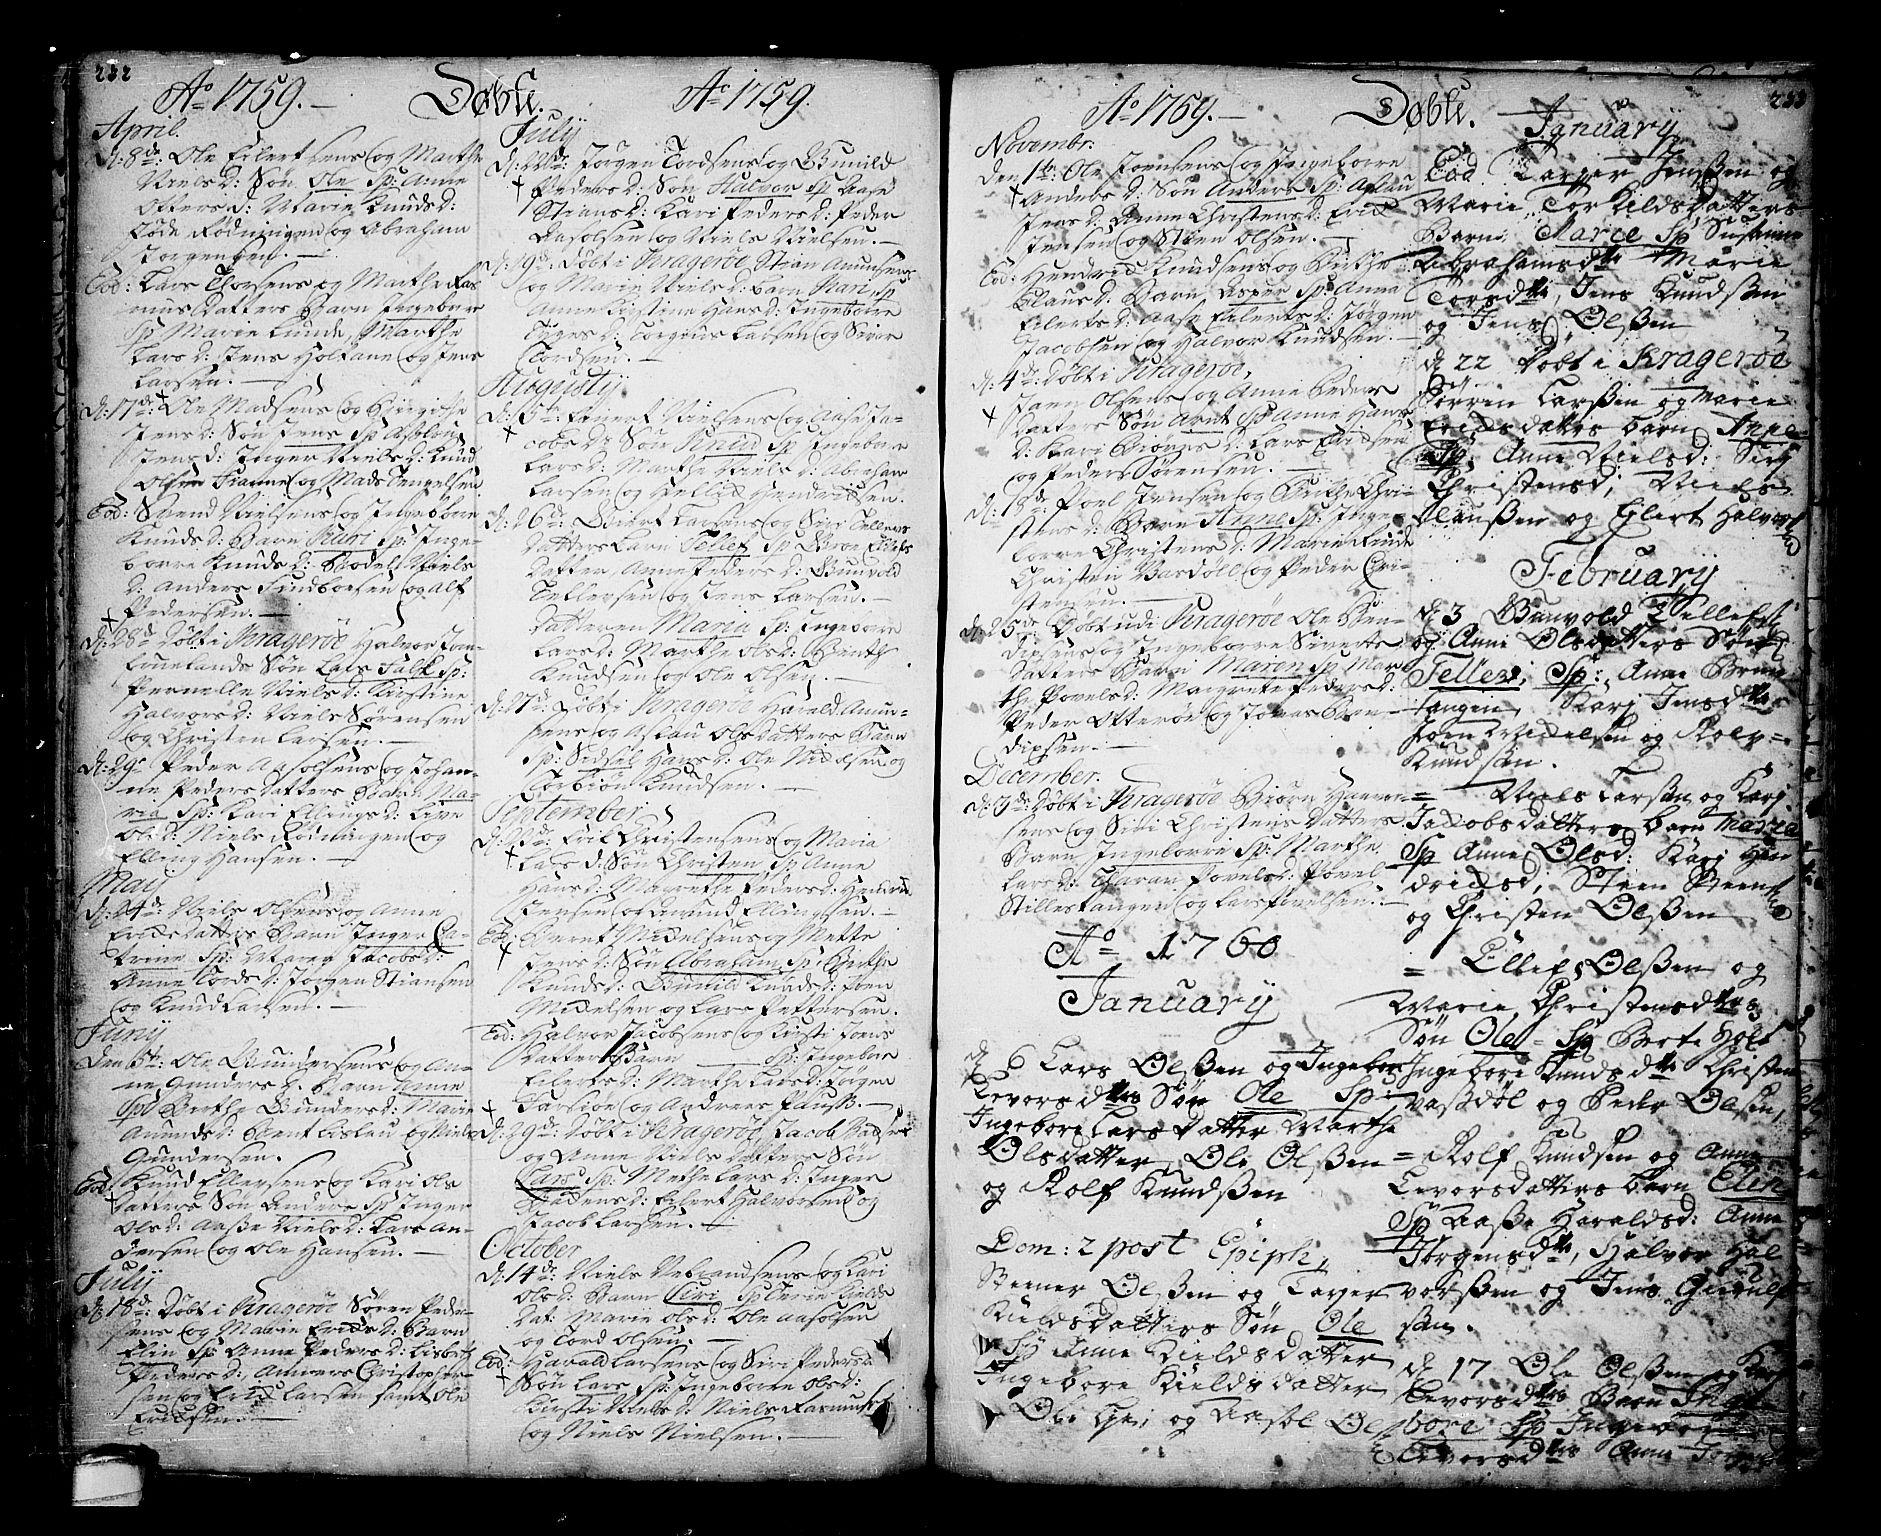 SAKO, Sannidal kirkebøker, F/Fa/L0001: Ministerialbok nr. 1, 1702-1766, s. 232-233